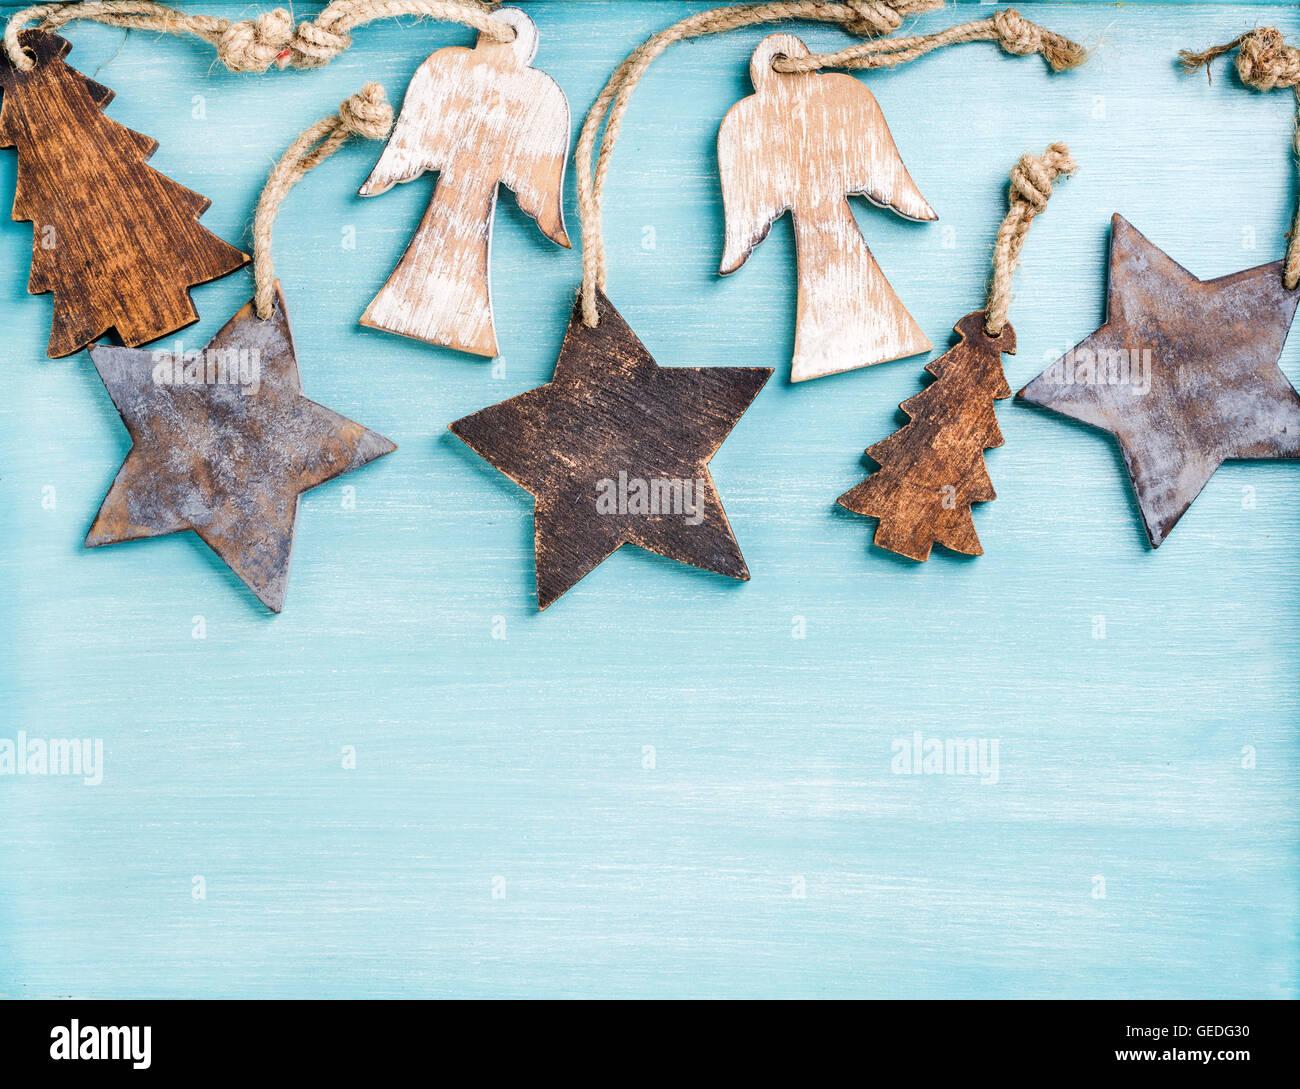 Weihnachten oder Neujahr Hintergrund: Engel, Sterne und kleine Tannen über blau bemalten Hintergrund kopieren Stockbild